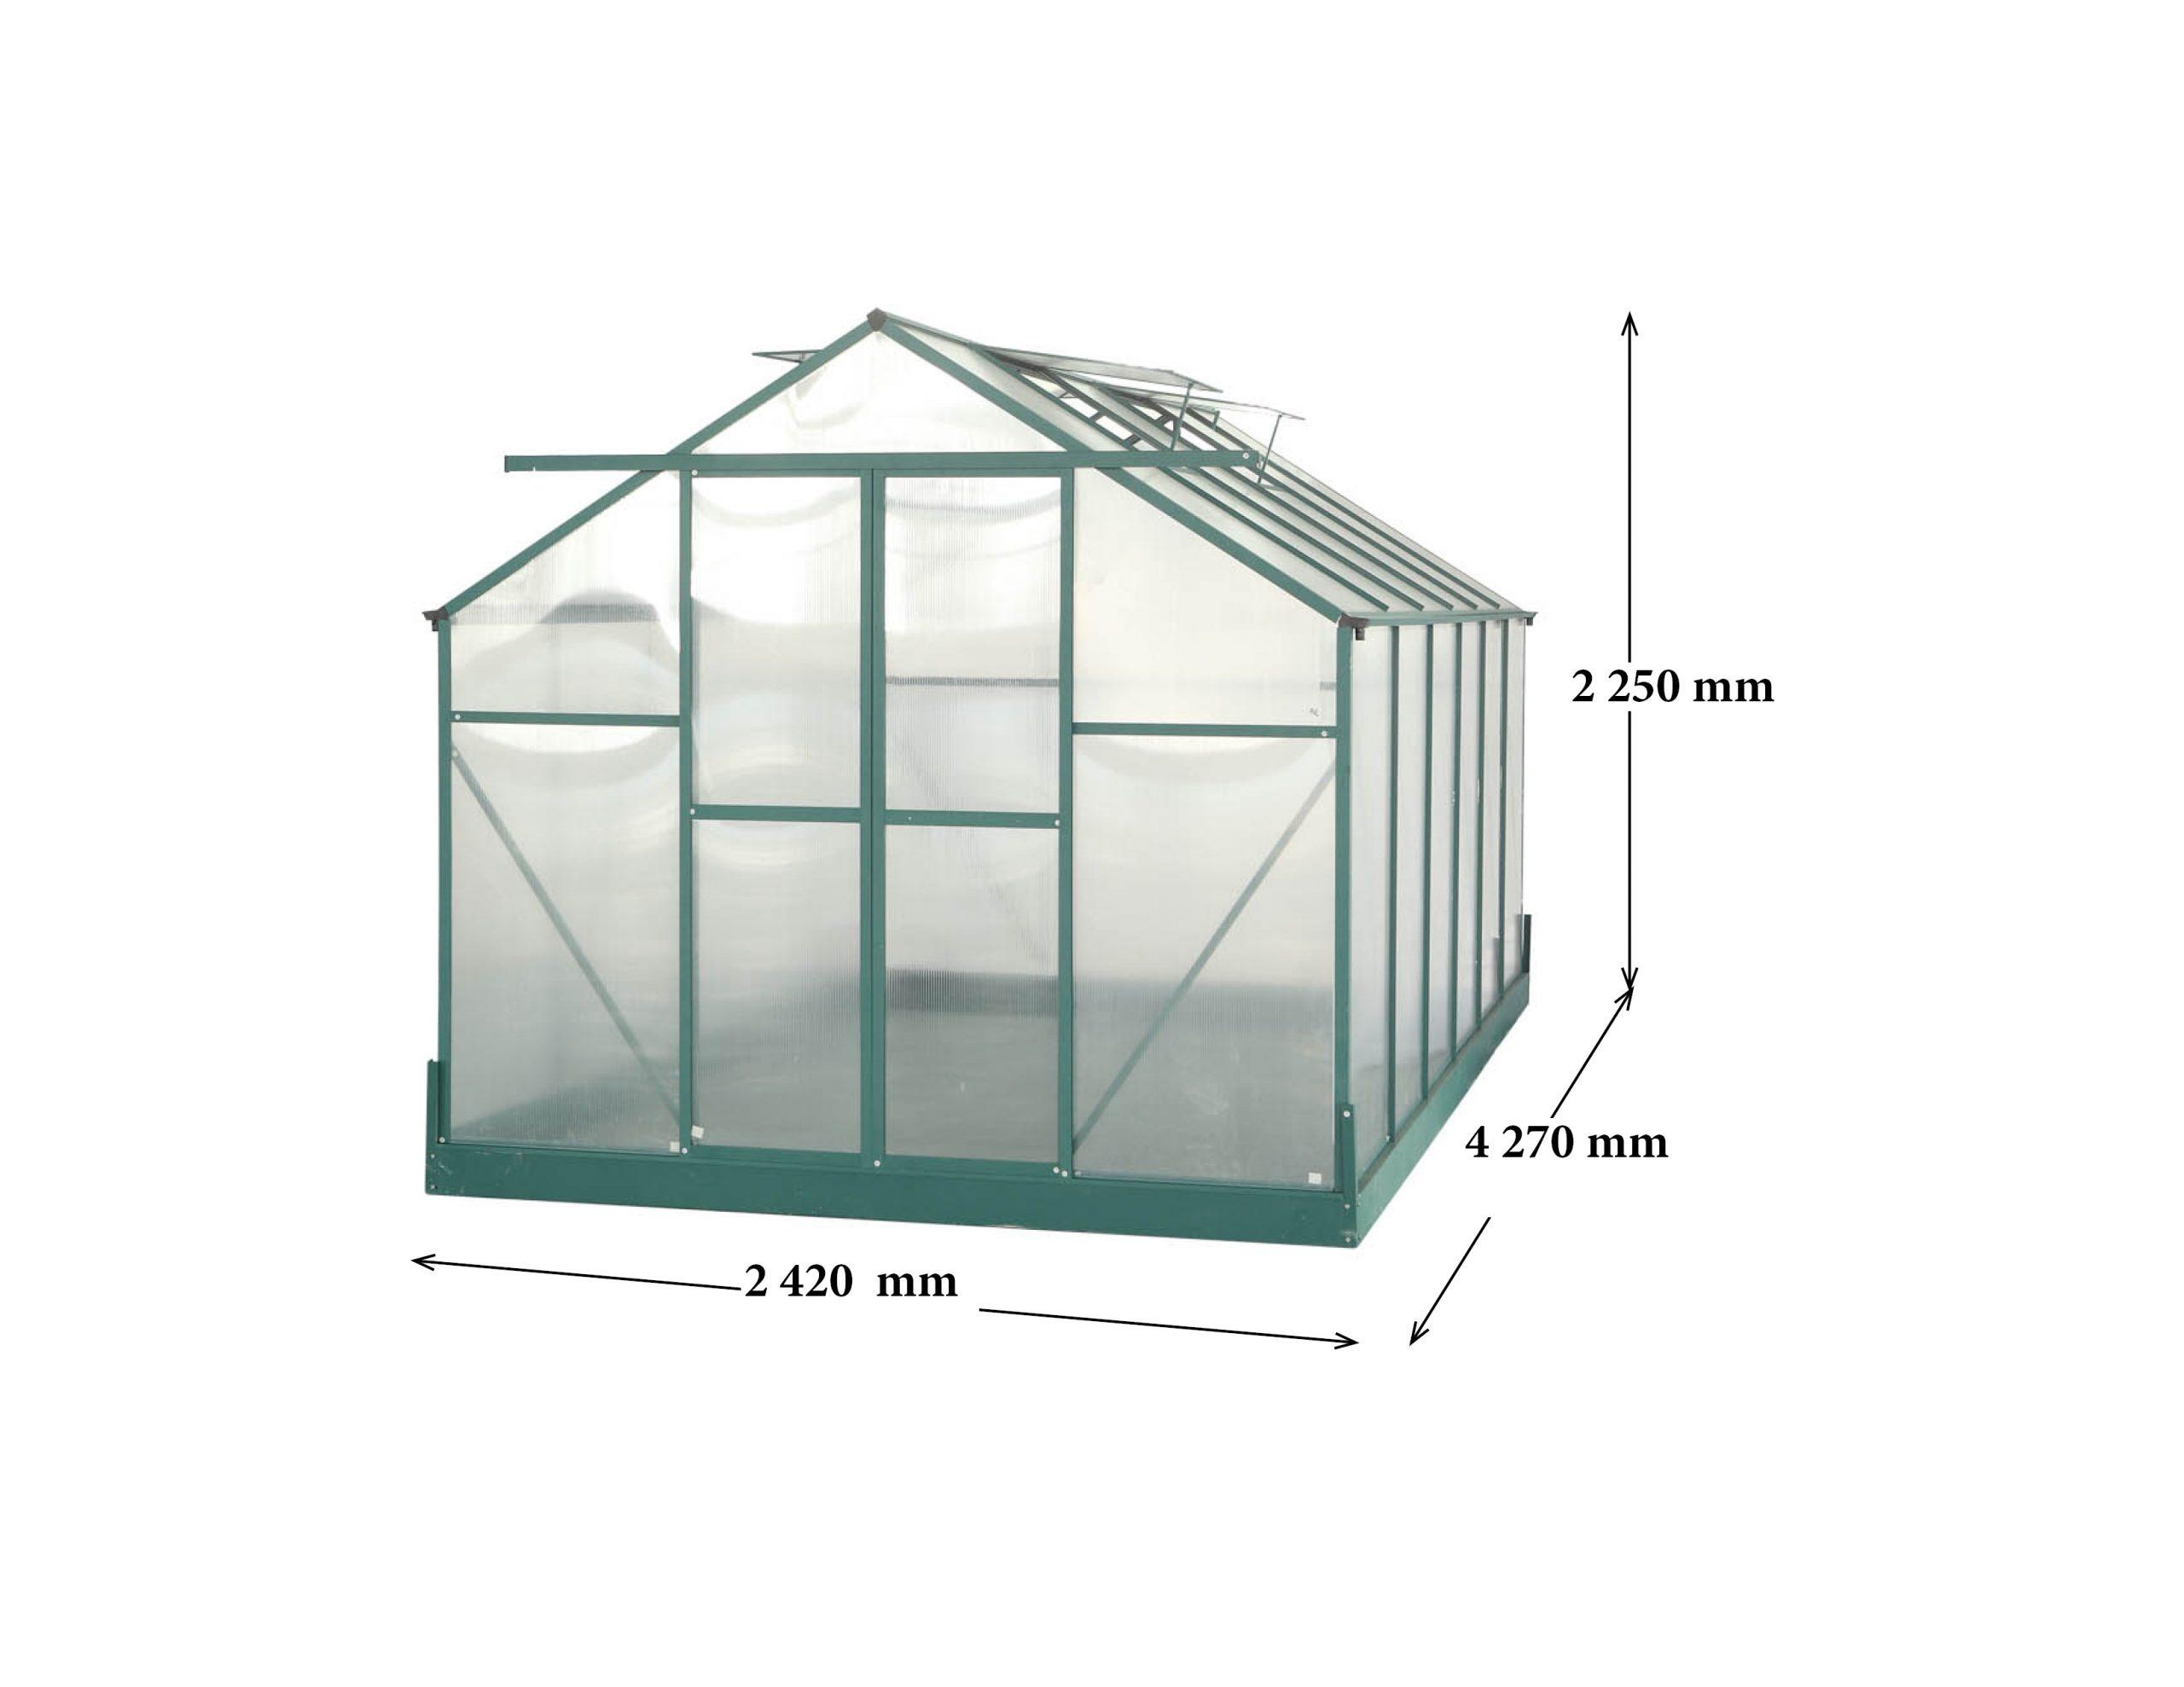 La Maison Du Jardin : Serre Polycarbonate 10.33M² Aluminium ... pour Fabricant Serre Polycarbonate